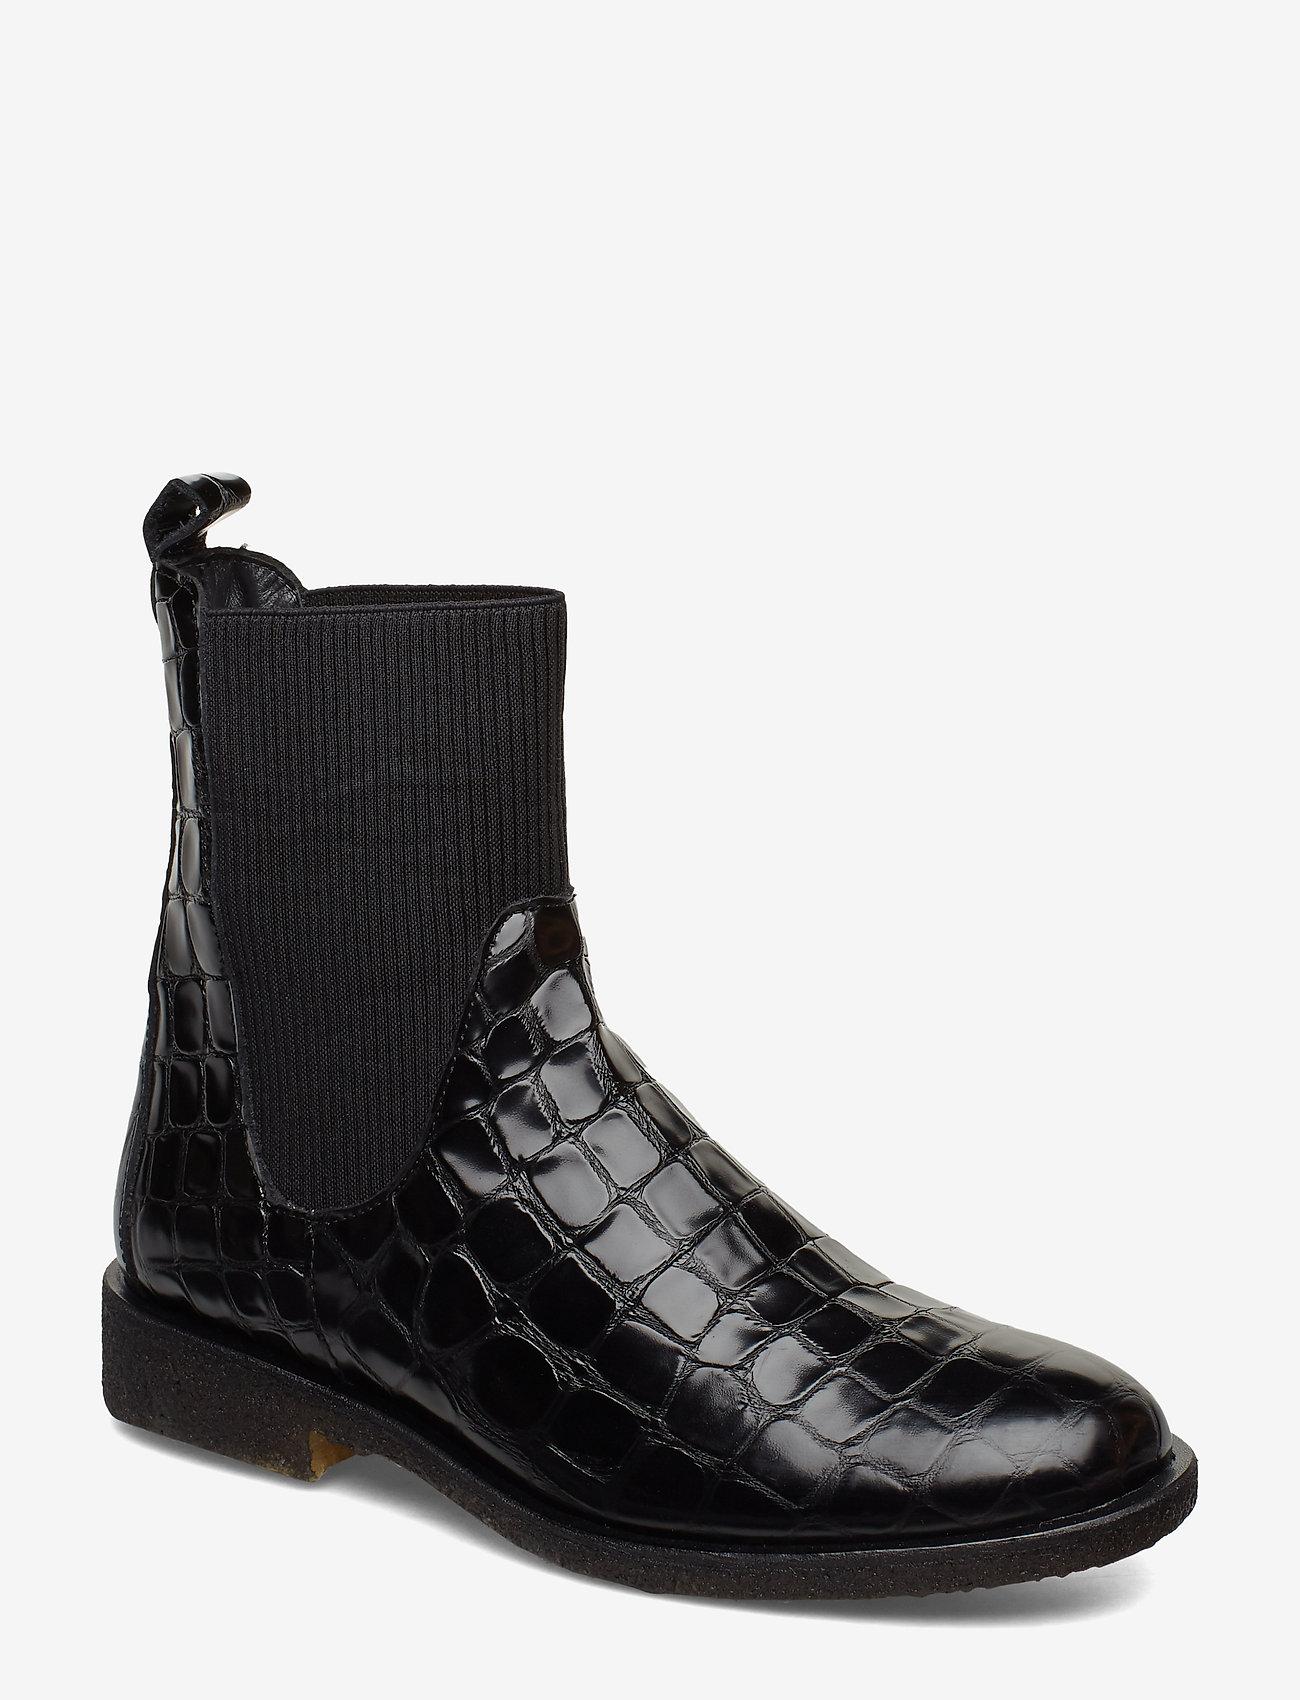 ANGULUS - 7317 - flade ankelstøvler - 1674/019 black croco/ black - 0